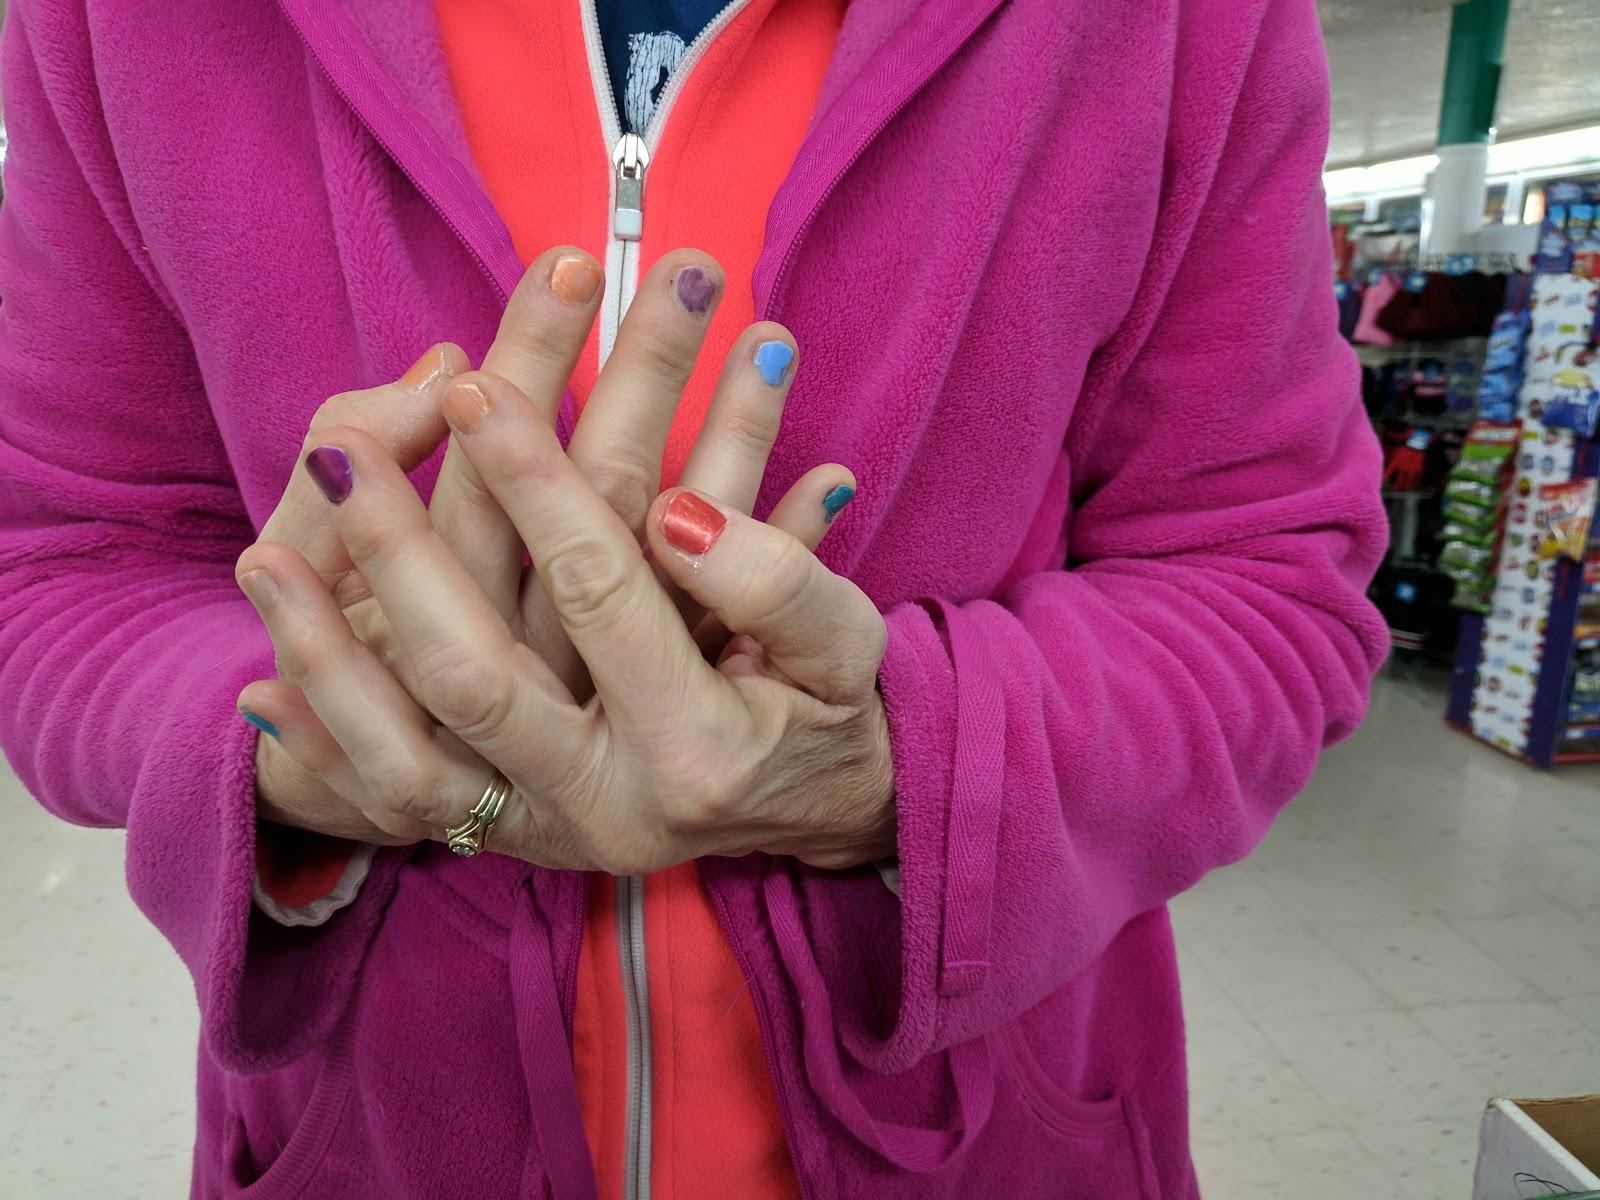 Weird Fingernail Paint Job